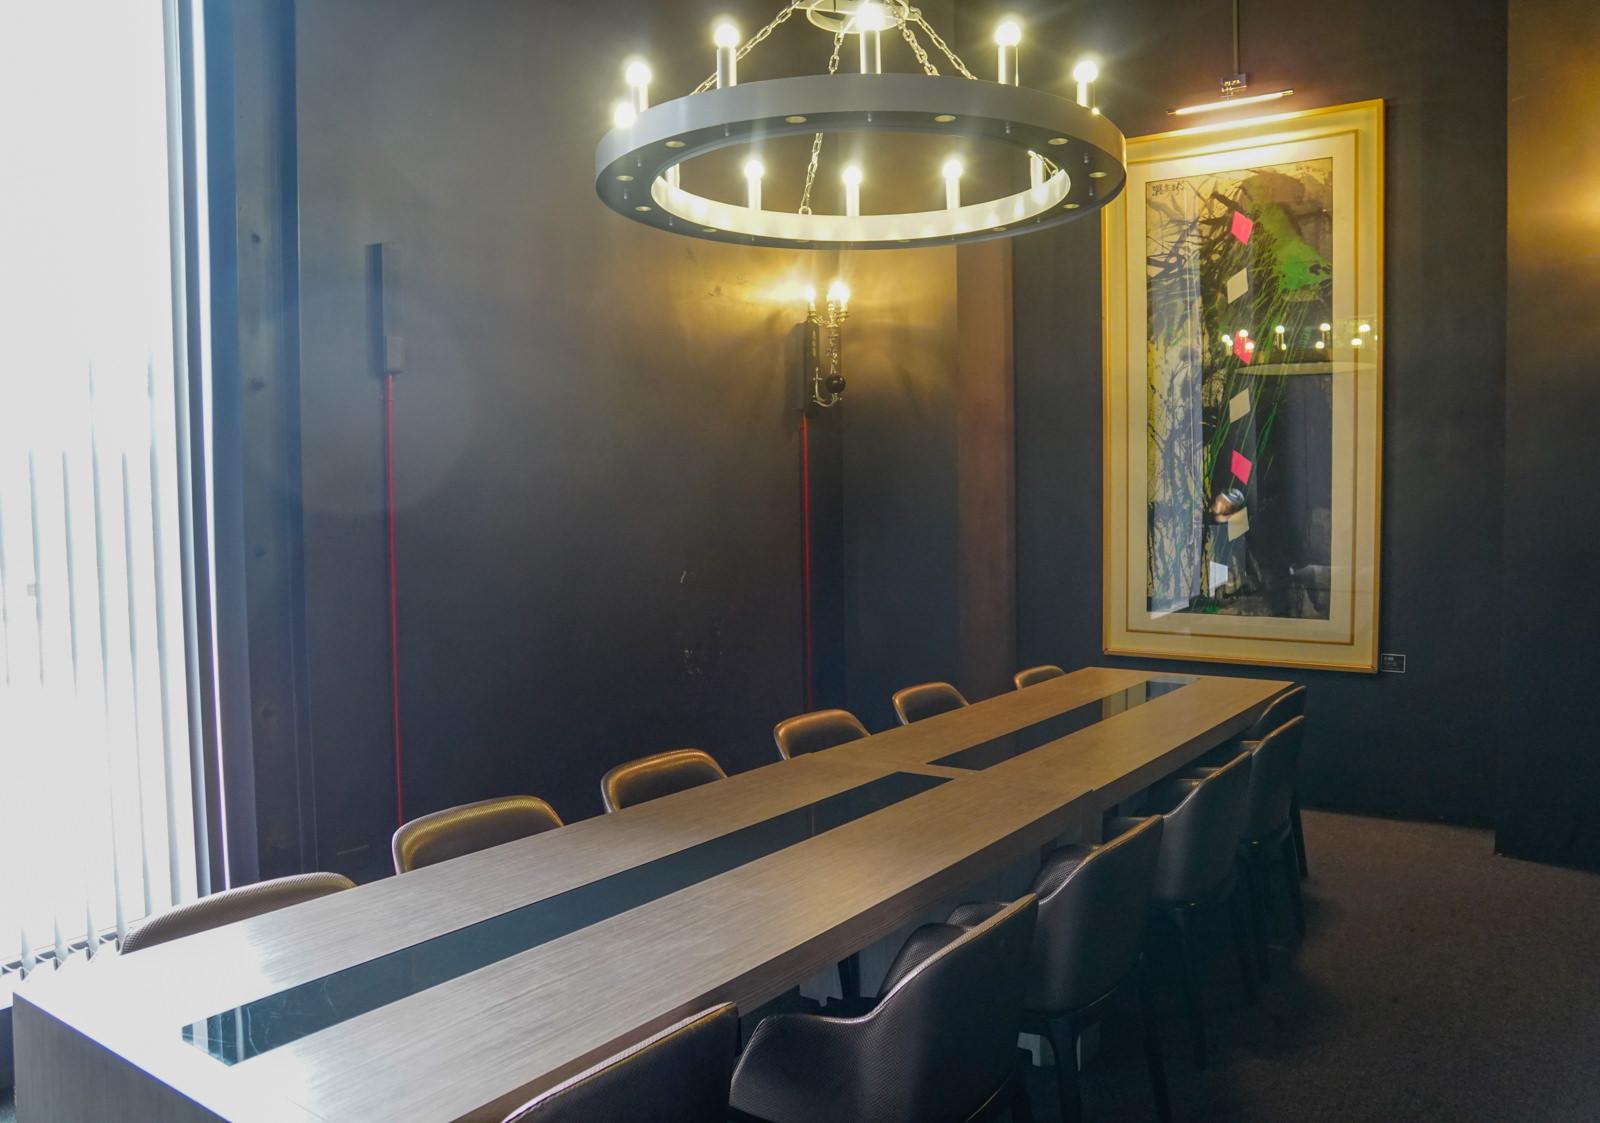 [高雄]典藏駁二餐廳-駁二時尚設計餐酒館! 好氣氛享美食 高雄駁二餐廳推薦 @美食好芃友